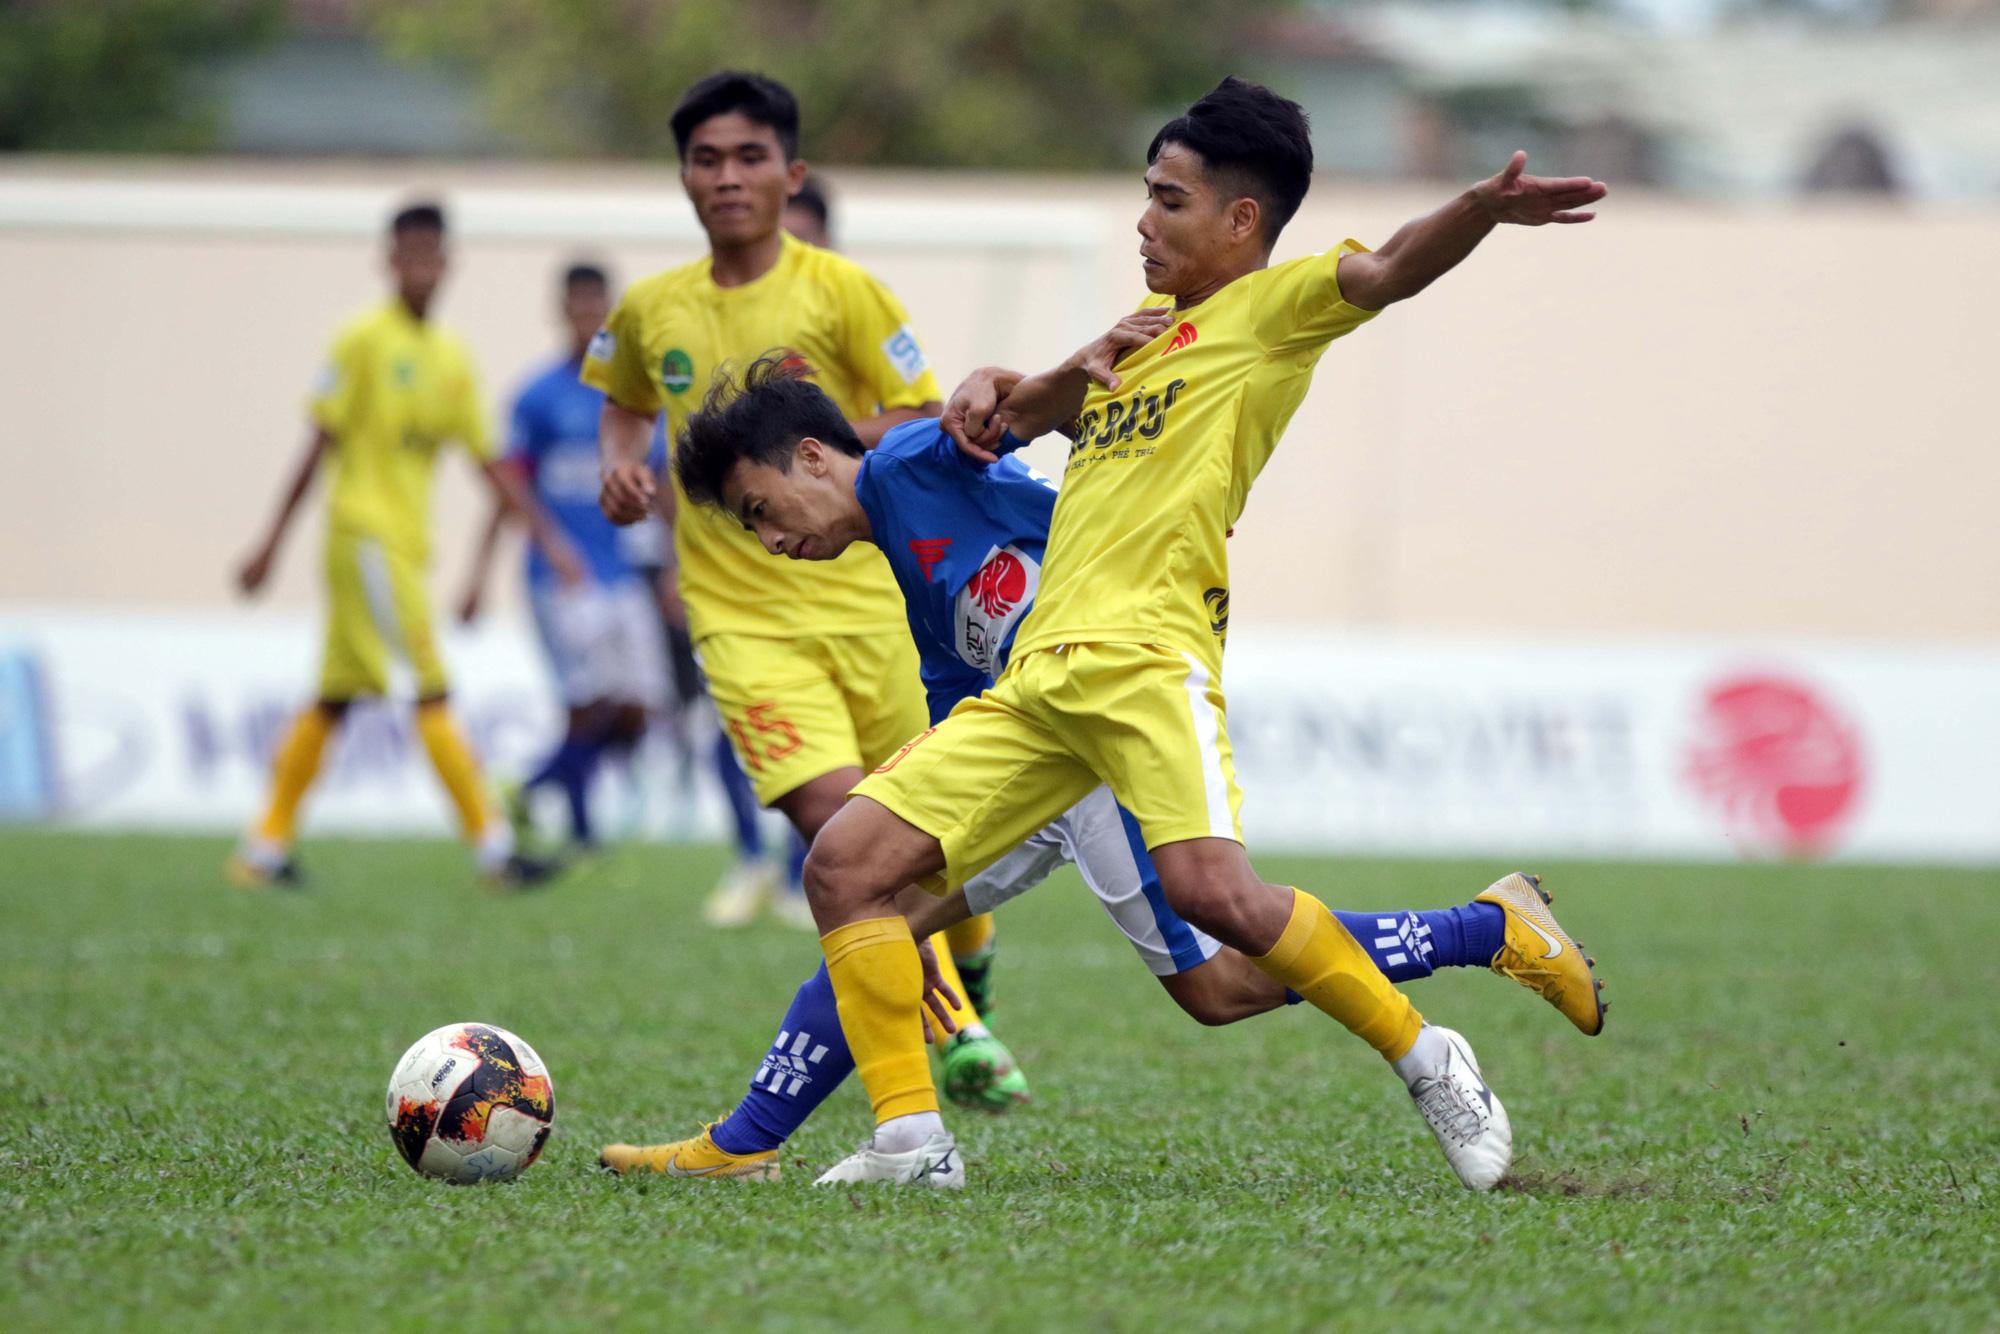 SV-League 2020: Đại học Cần Thơ giành tấm vé cuối cùng vào bán kết - Ảnh 5.